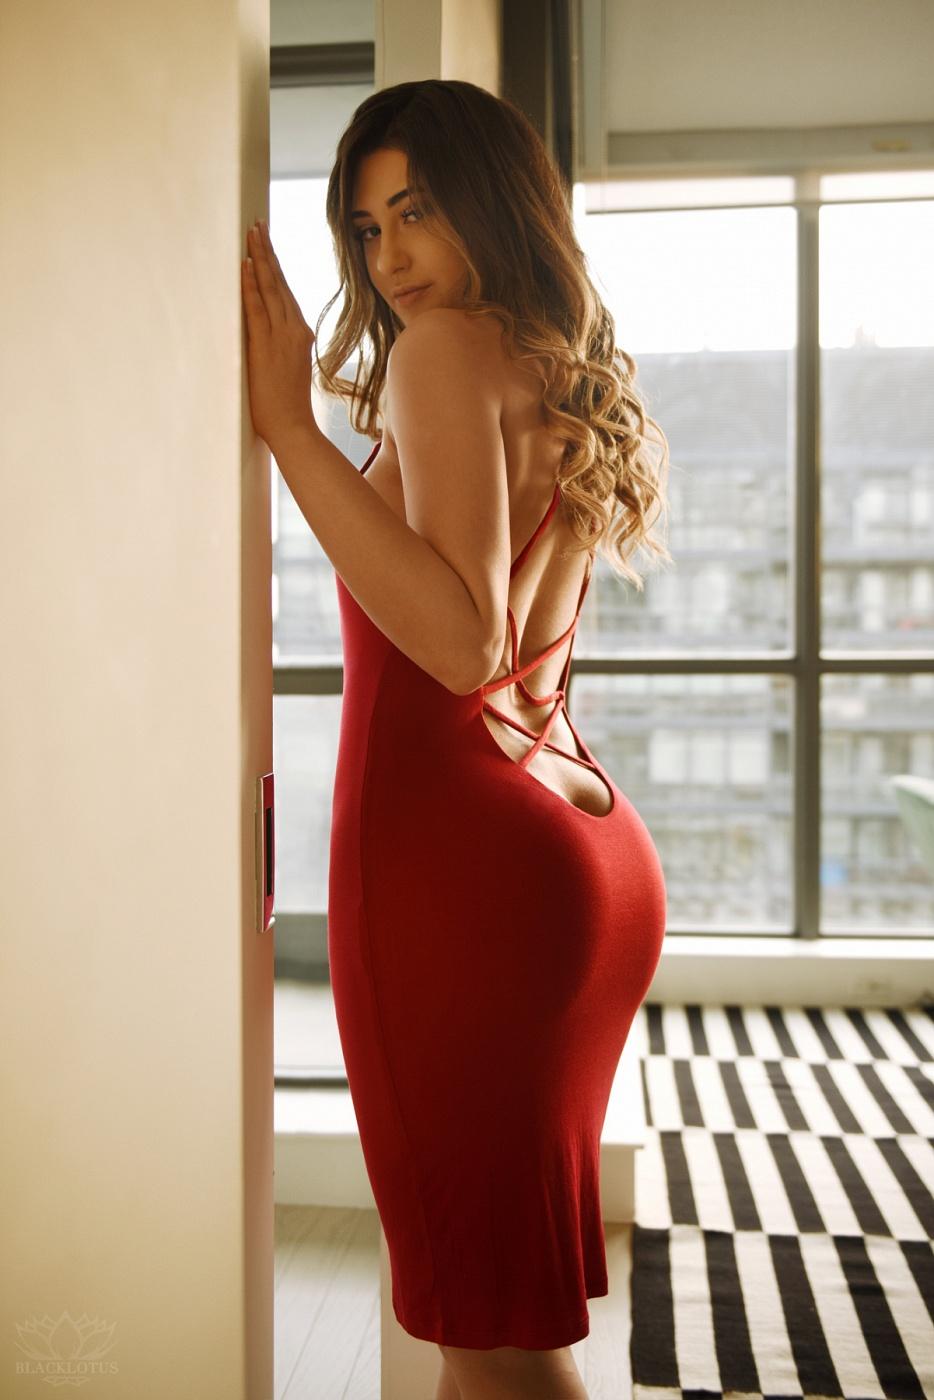 Vanessa X